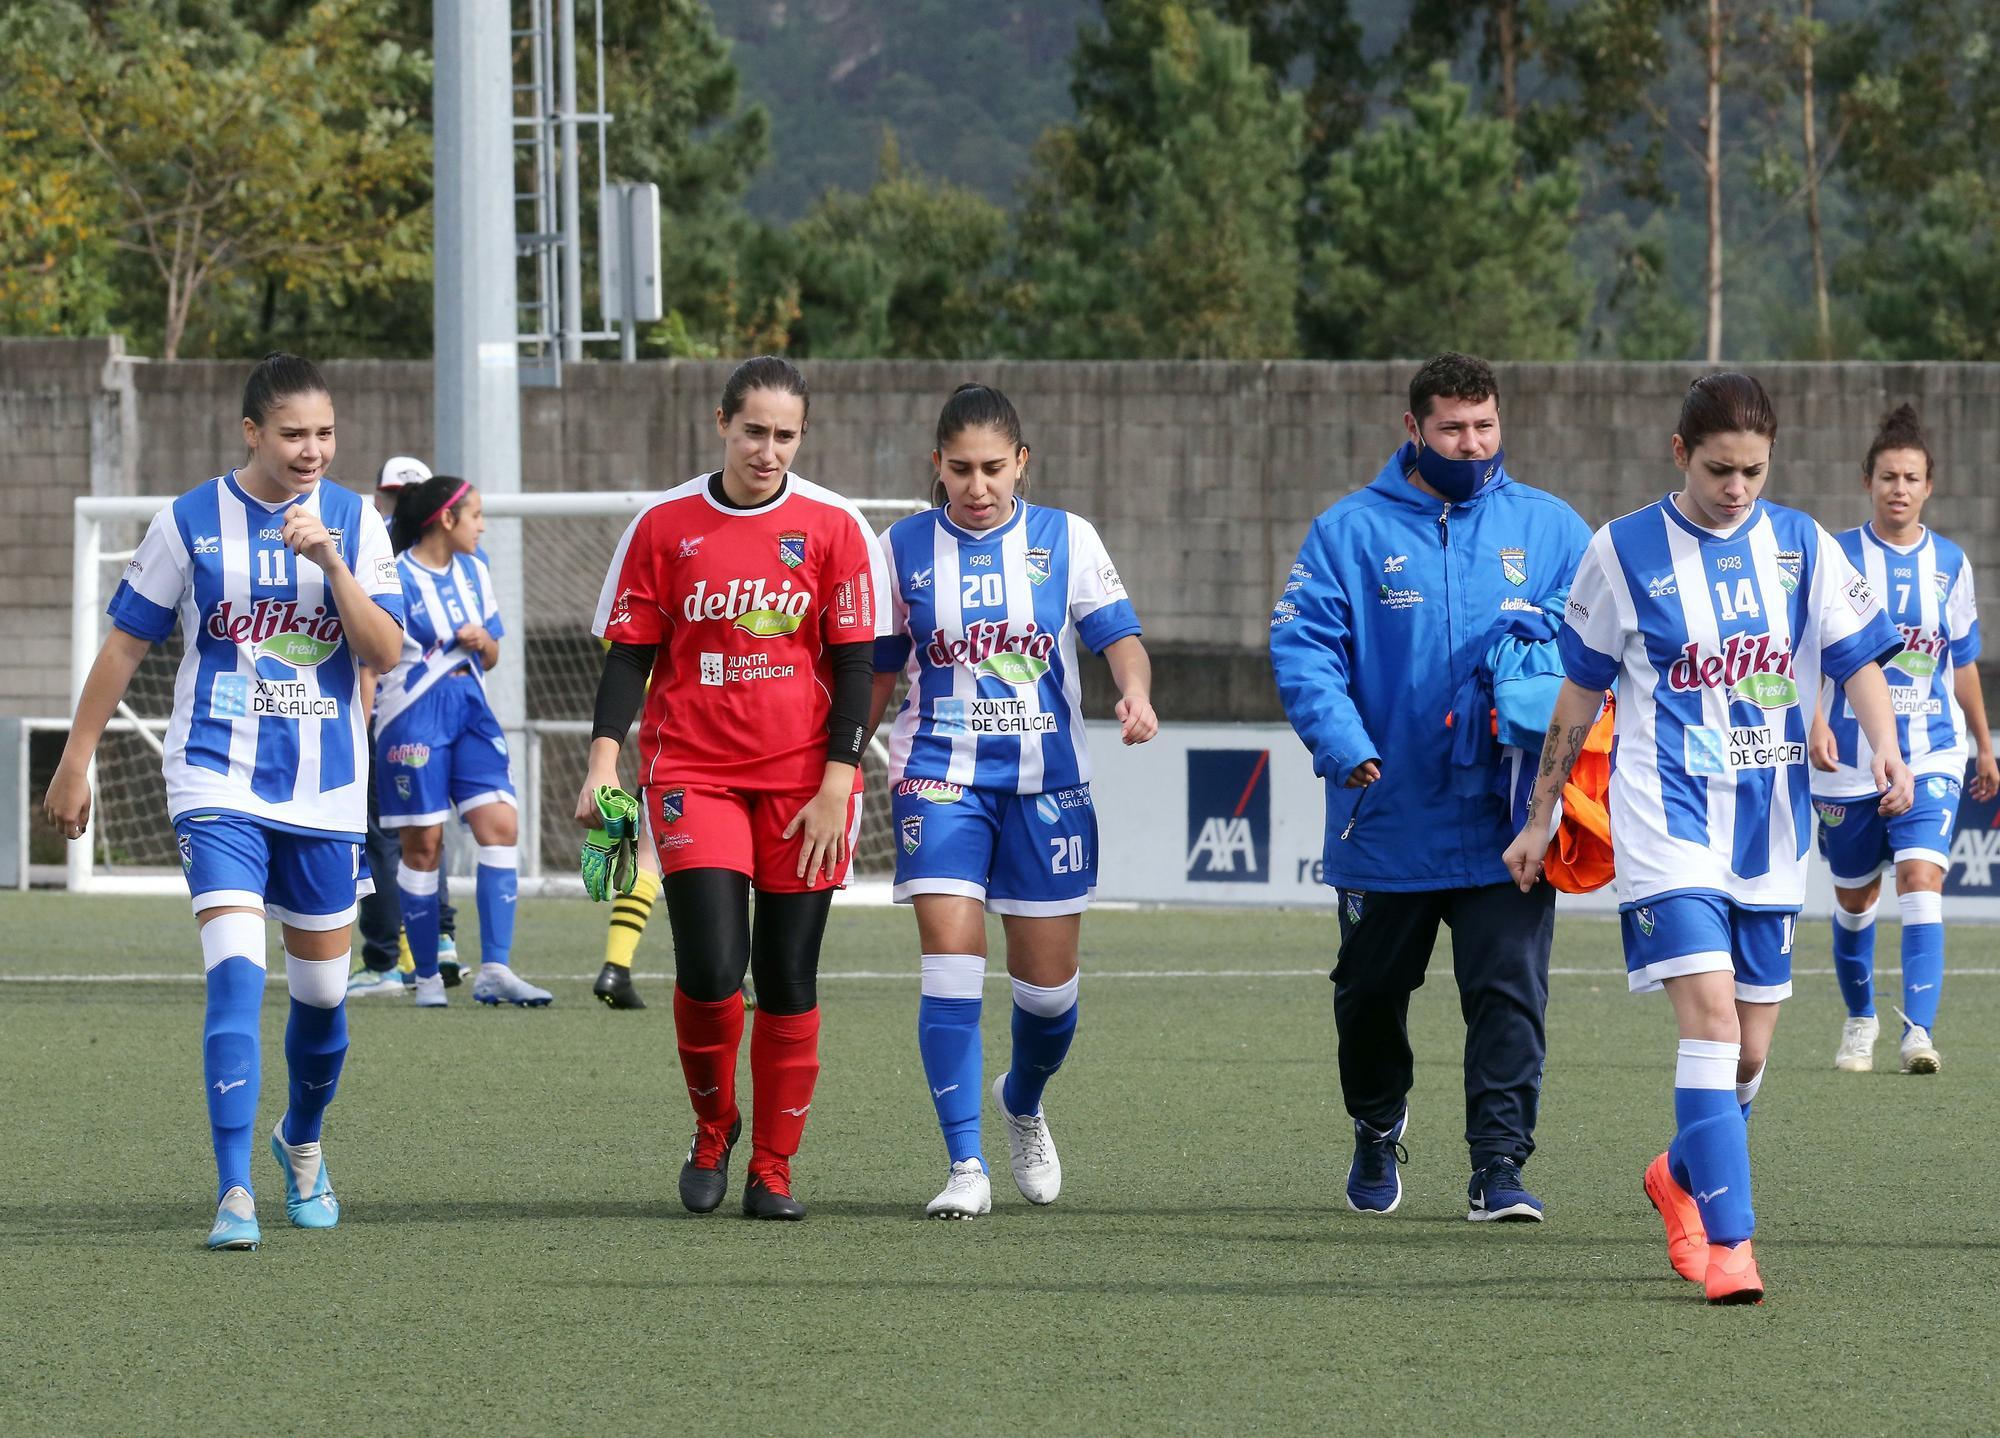 El Mos se estrenó con una abultada victoria en categoría nacional femenina ante el Valladares. Marta G. Brea